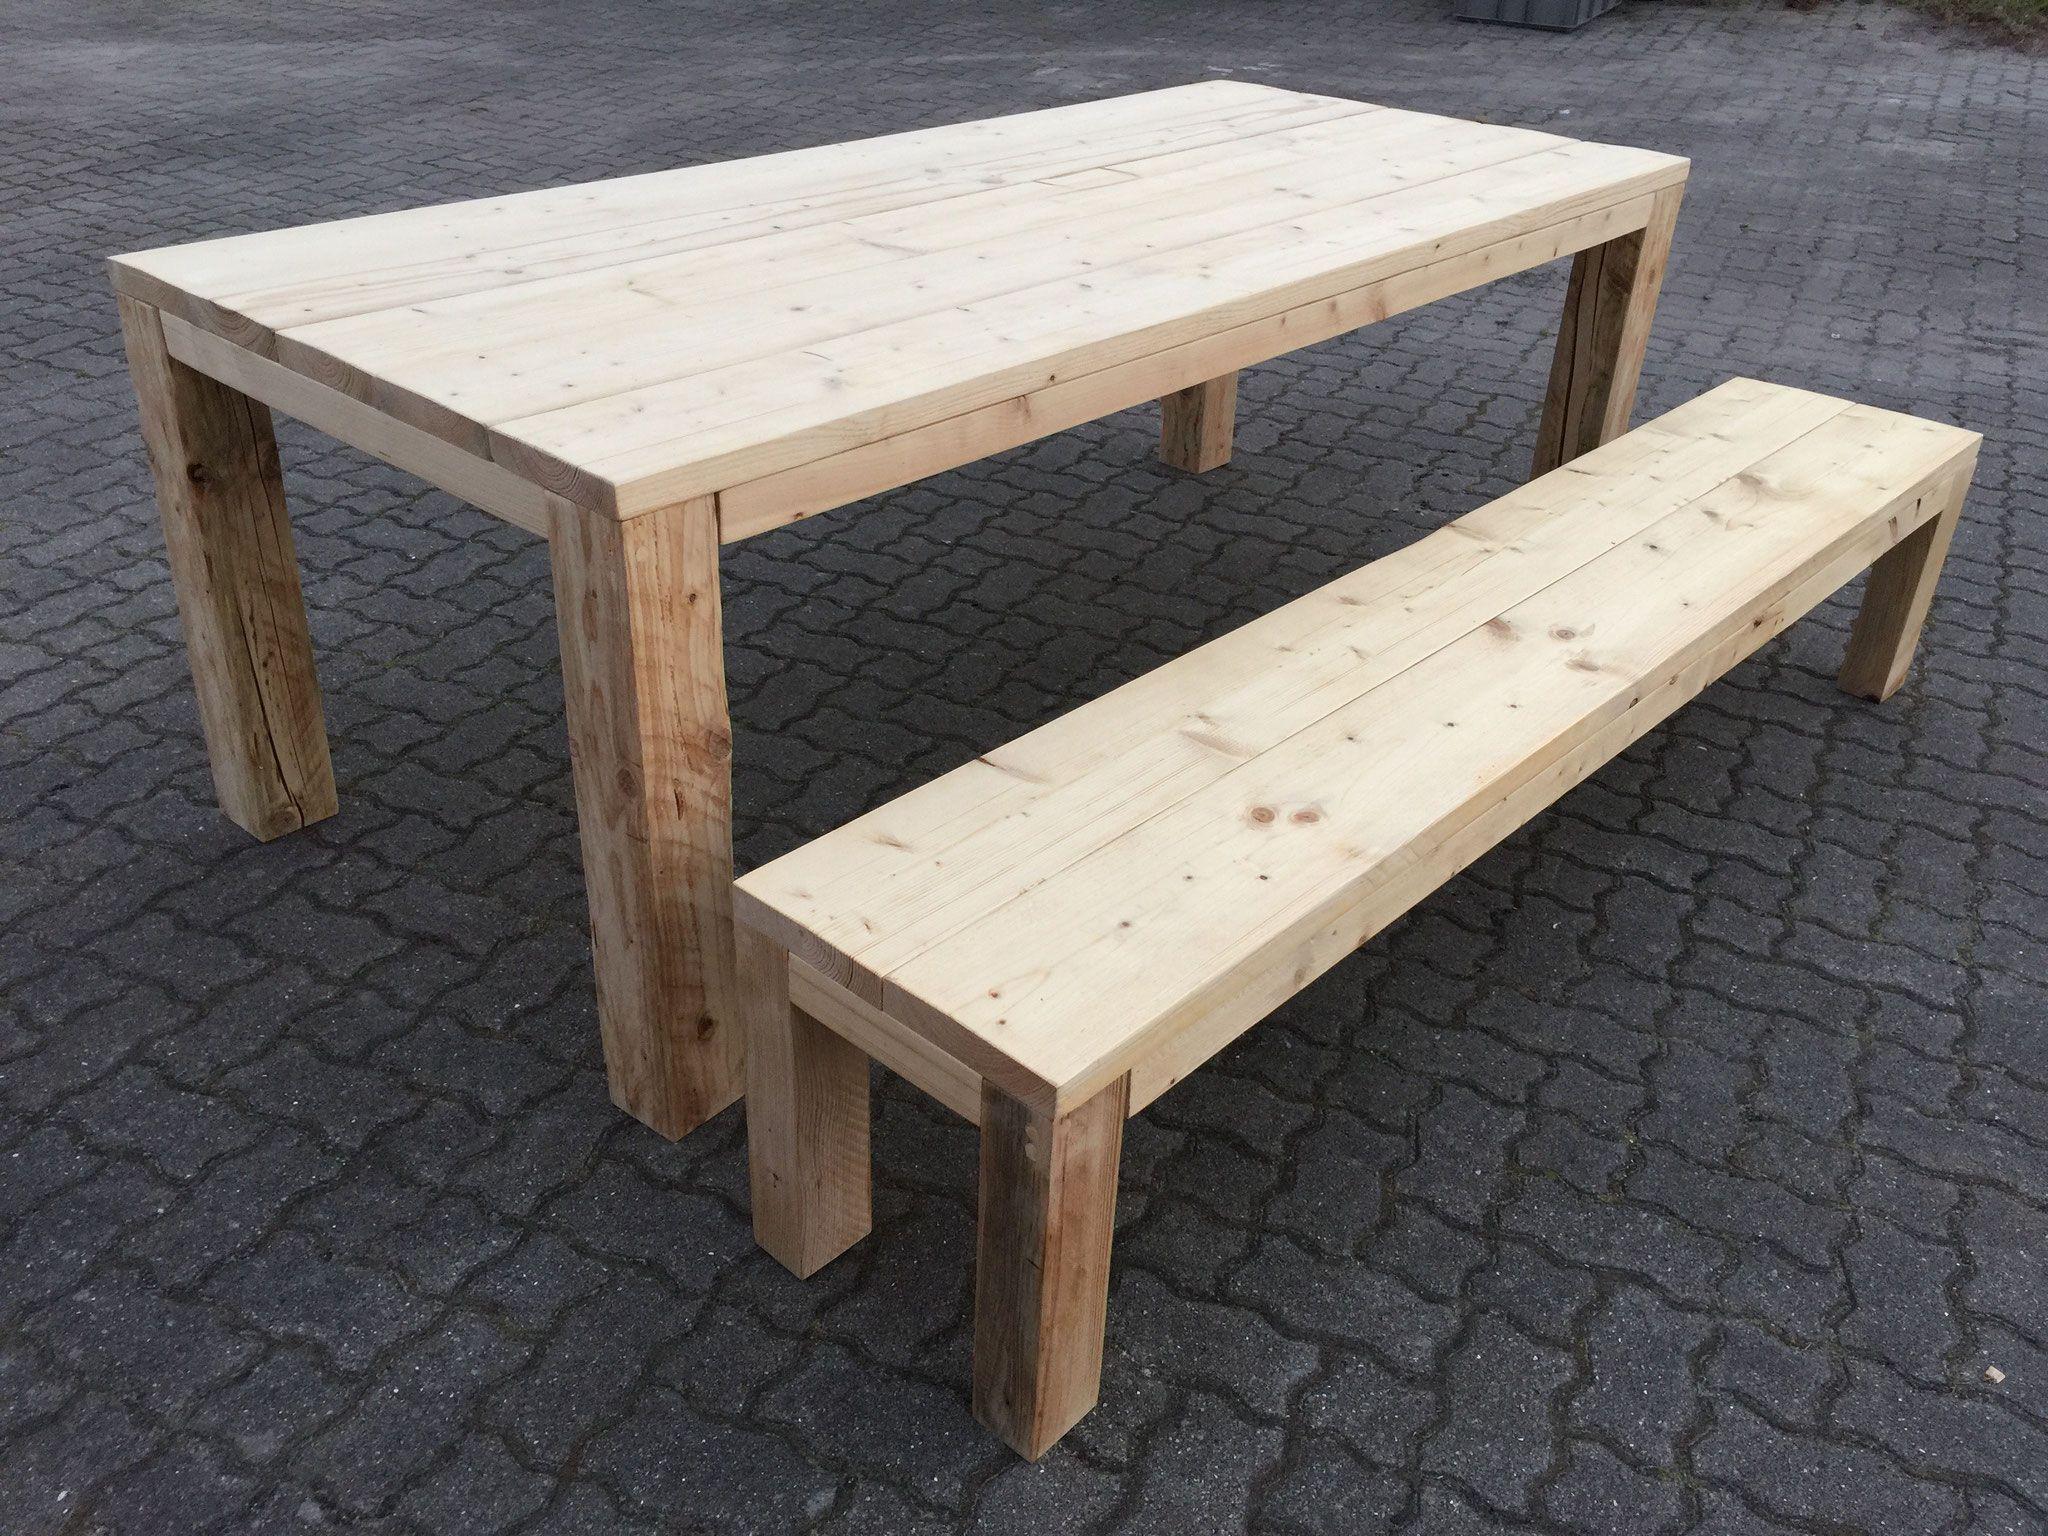 Gartentisch Mit Bank Aus Bauholzdielen Mit 12cm Vollholzbeinen Unbehandelt Gartentisch Tischbank Bauholz Mobel